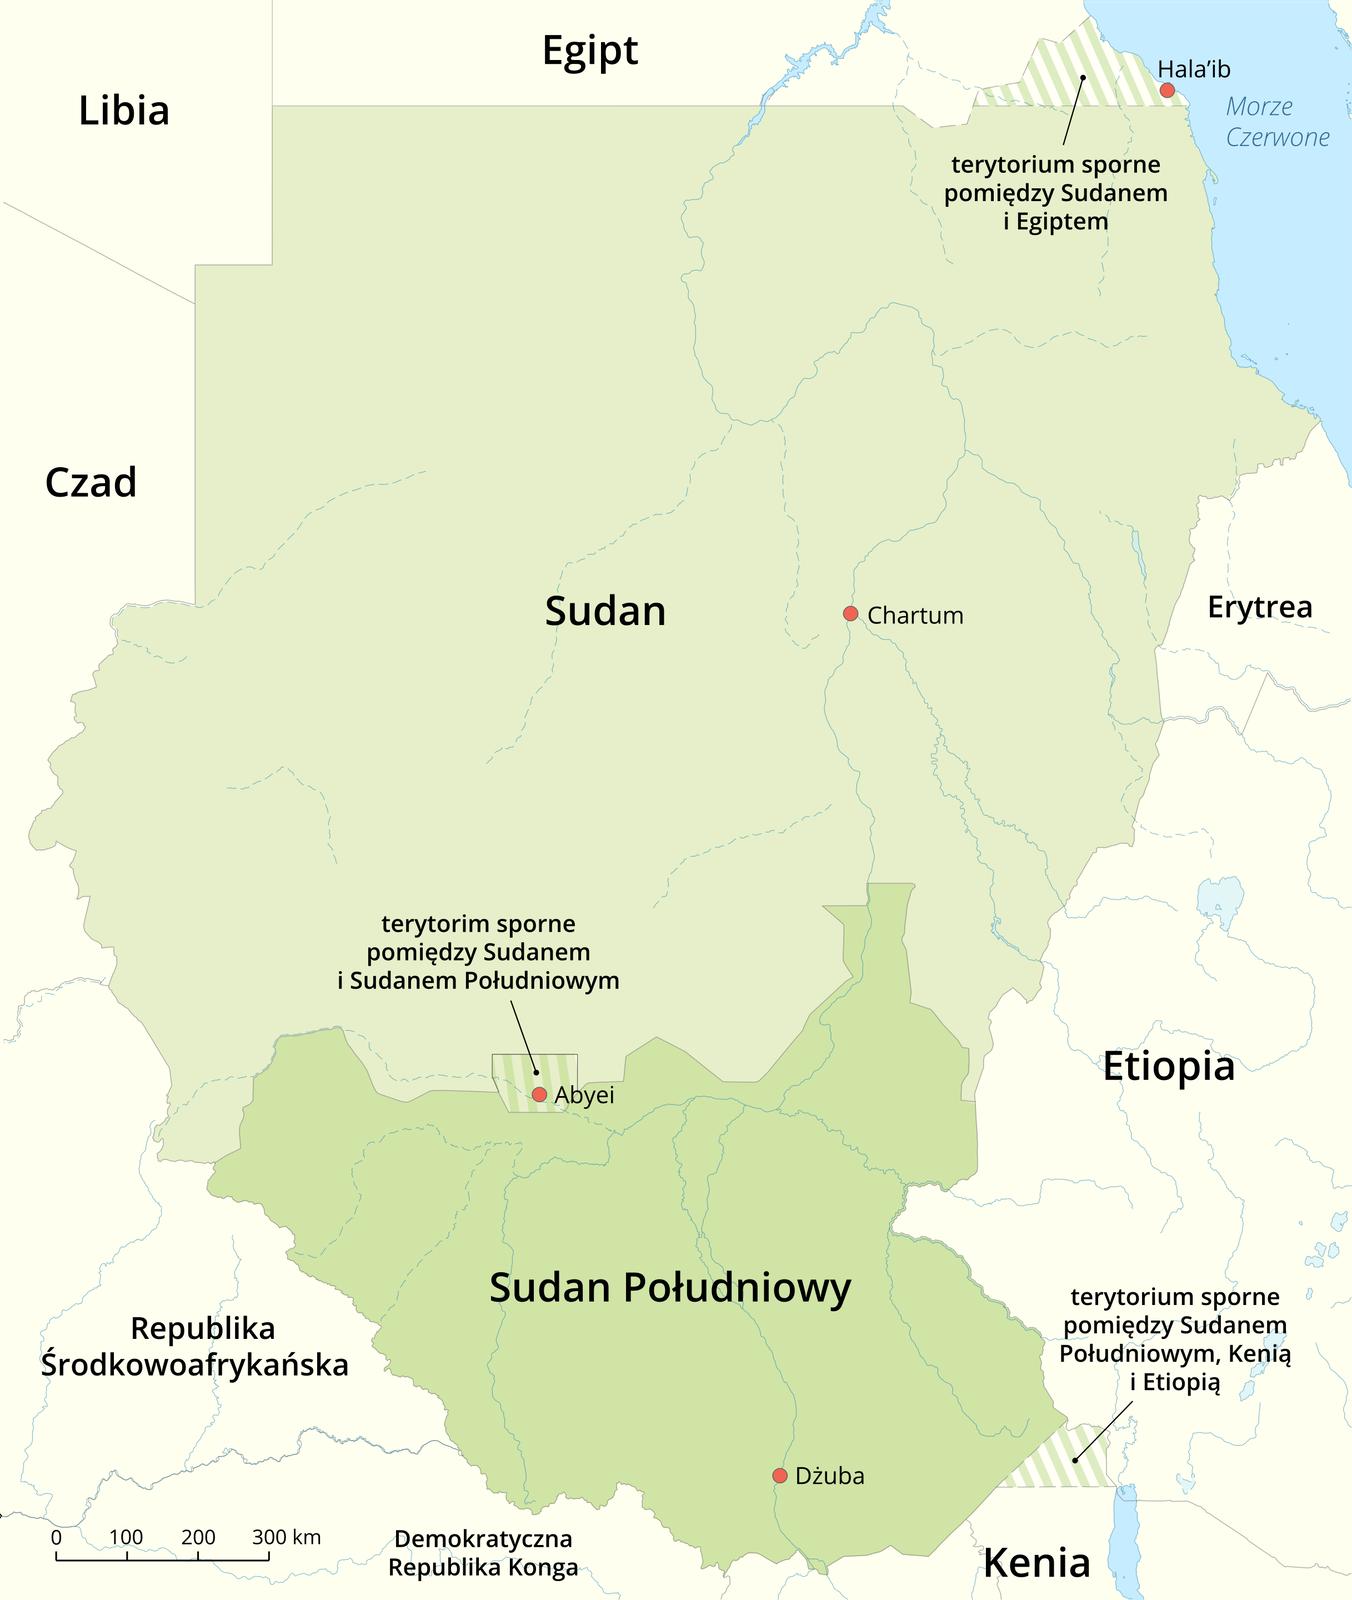 Na ilustracji mapa Sudanu. Na północy graniczy zEgiptem iLibią. Na południu zRepubliką Środkowoafrykańską, Demokratyczną Republiką Konga iKenią. Sudan zaznaczony kolorem jasnozielonym. Wjego obrębie wpołudniowej części kolorem ciemniejszym wydzielono Sudan Południowy. Na granicy obu państw kreskowaniem wydzielono terytorium sporne. Na północy kreskowaniem wydzielono terytorium sporne między Egiptem aSudanem.